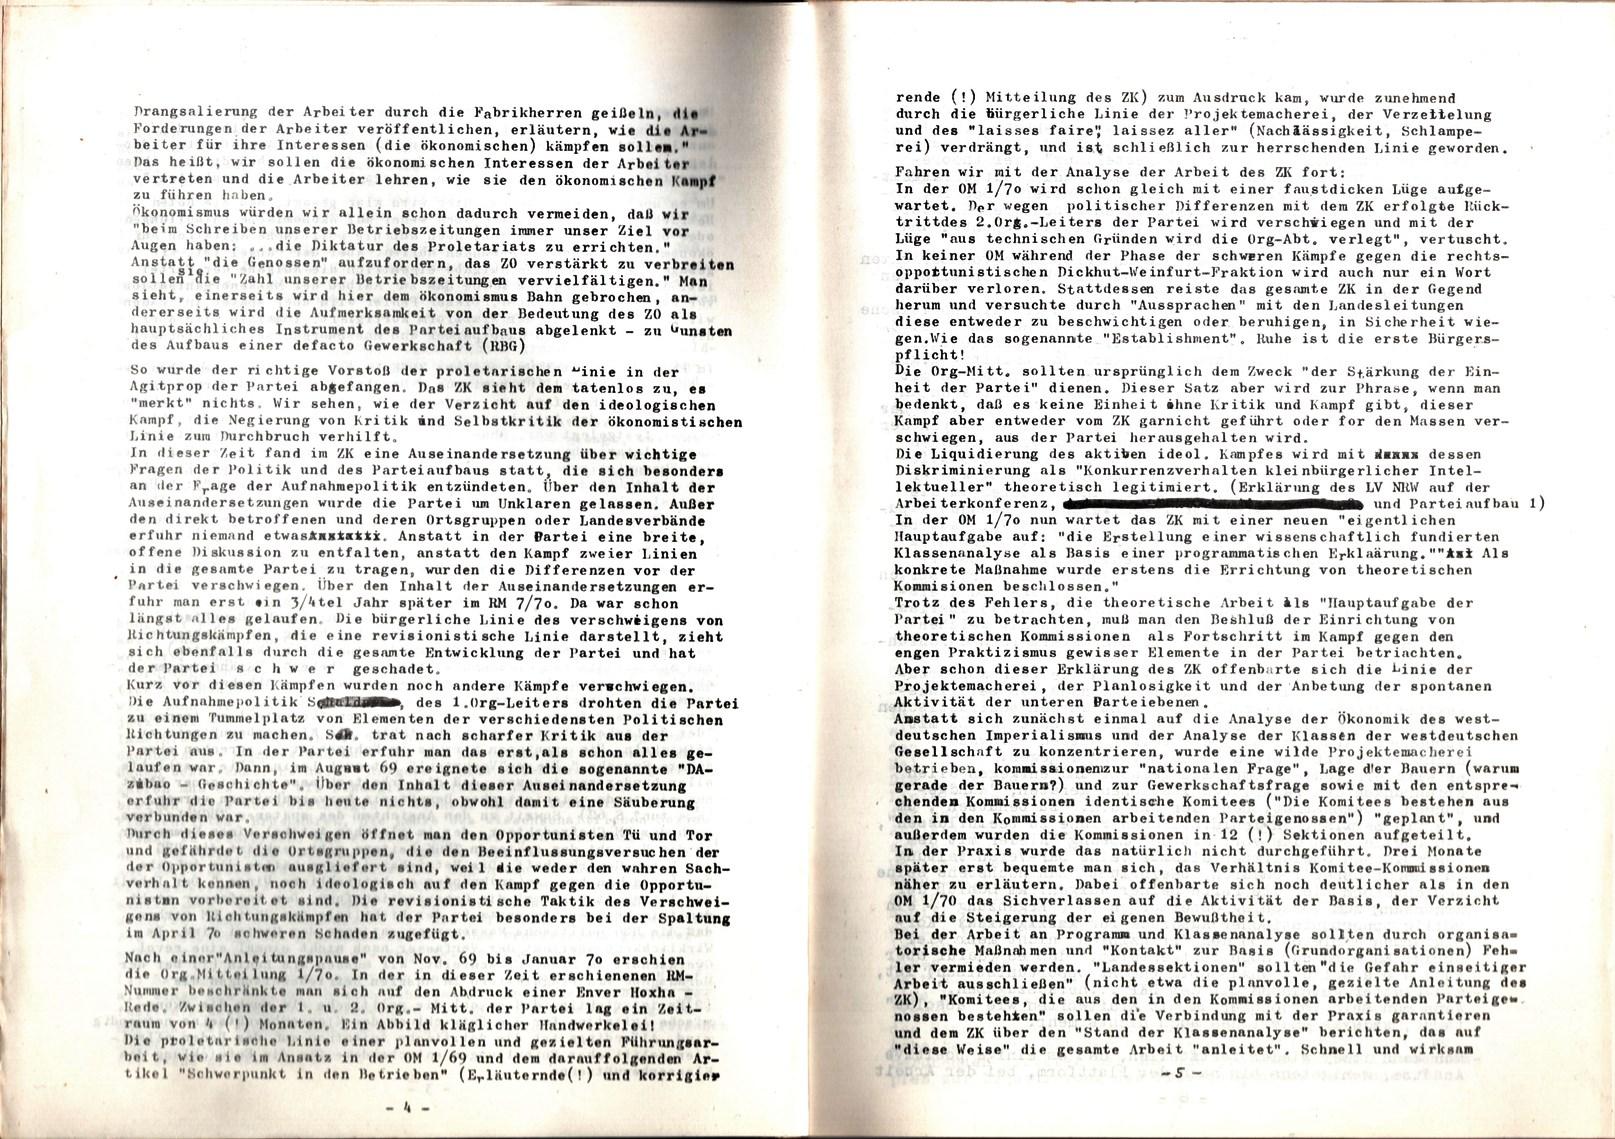 KPDML_1971_Analysen_und_Antraege_des_LV_Sued_West_007